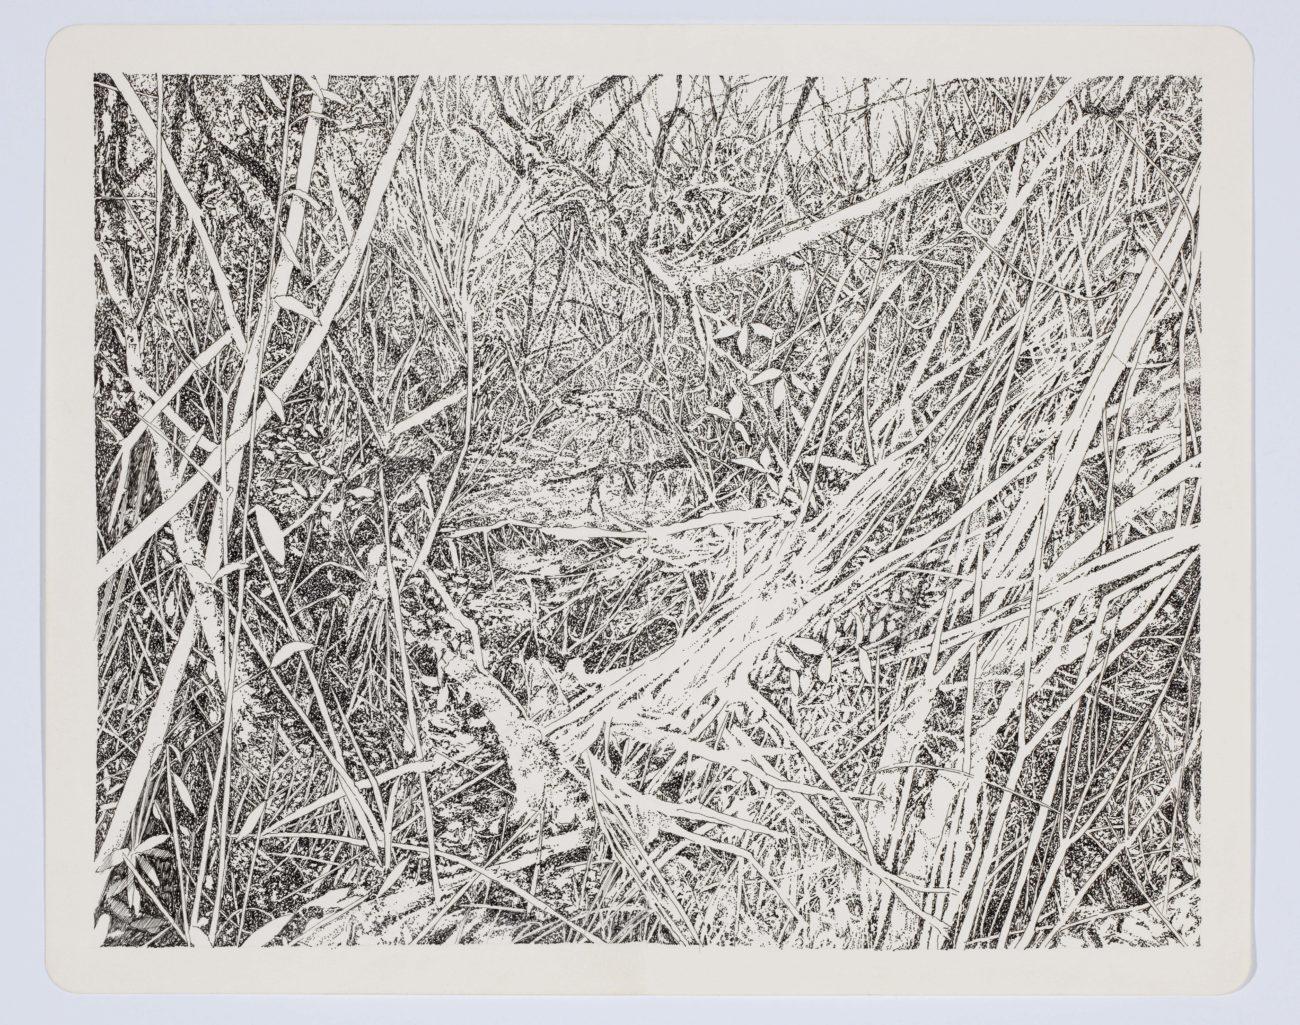 Ürwald, Kunst, Wald, Emmanuel Henninger, Art, Zeichnung